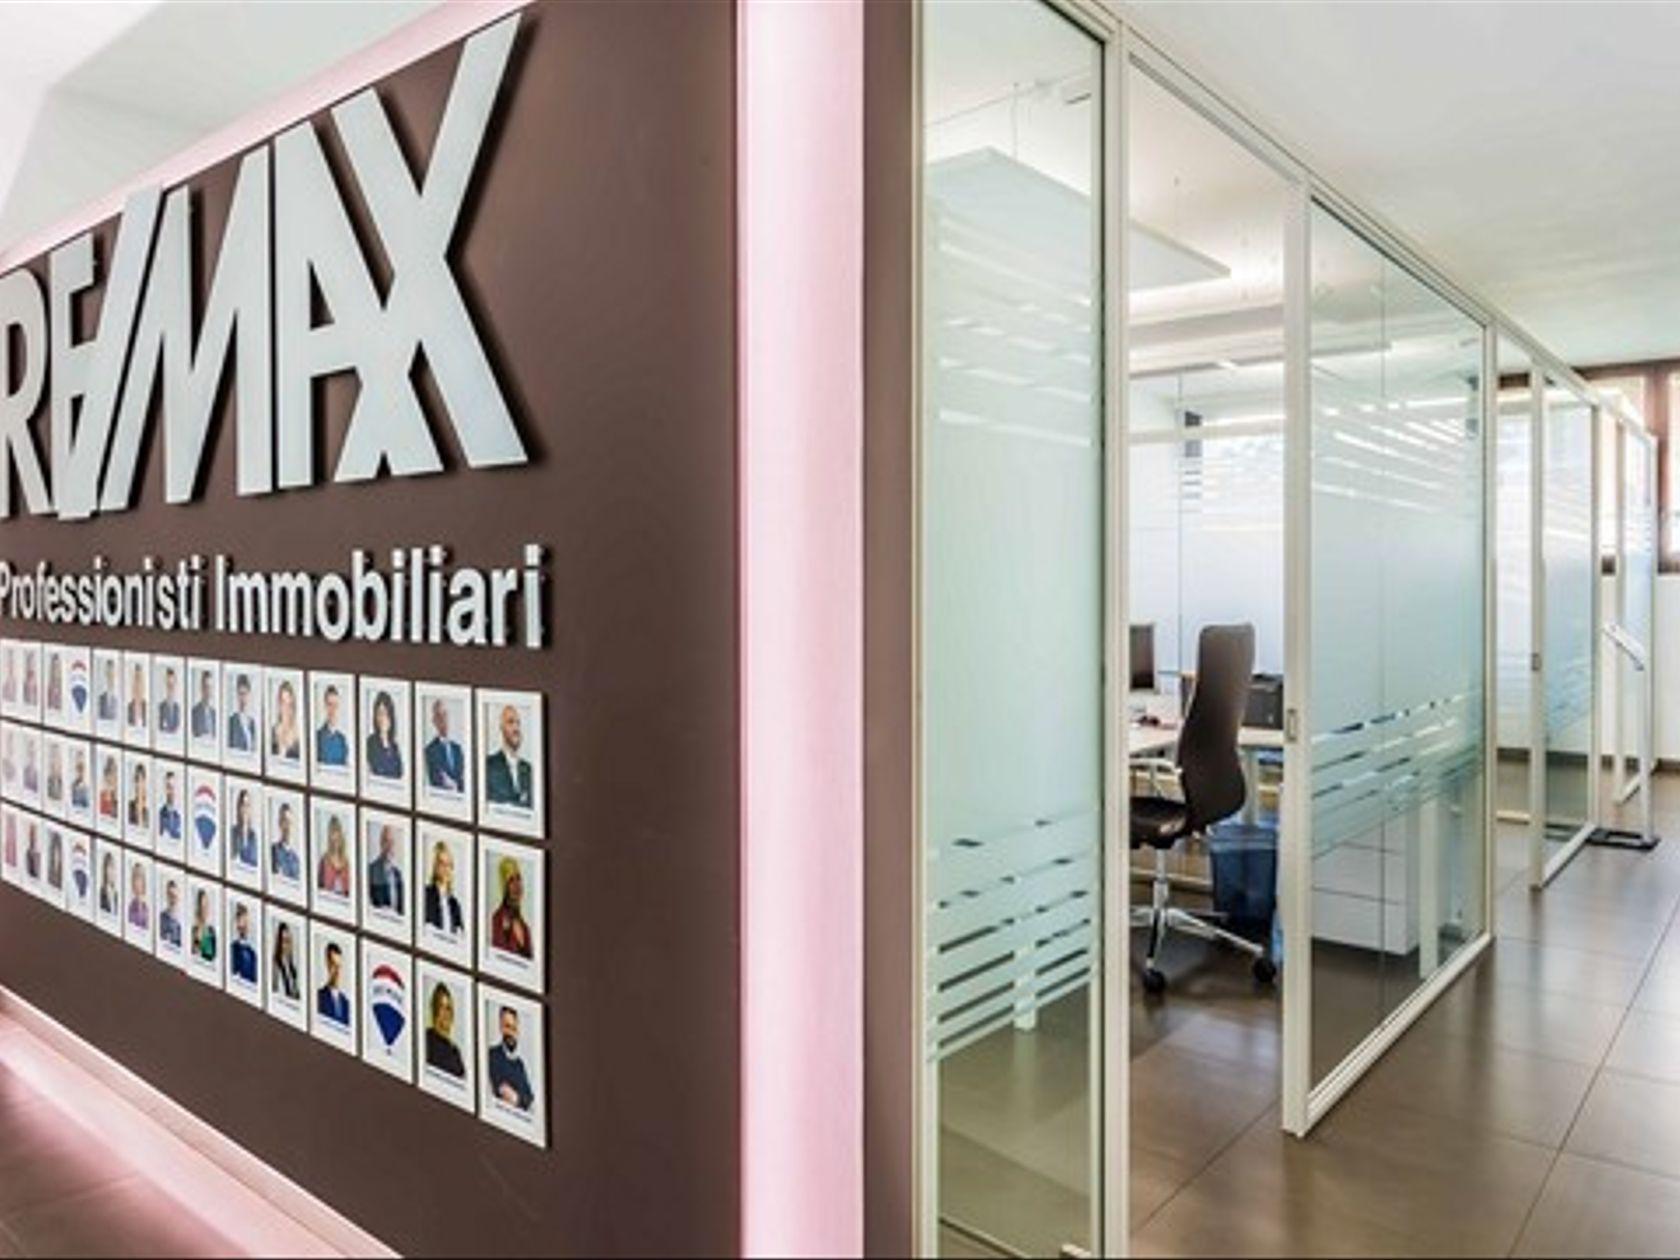 RE/MAX Professionisti Immobiliari Associati Busto Arsizio - Foto 2